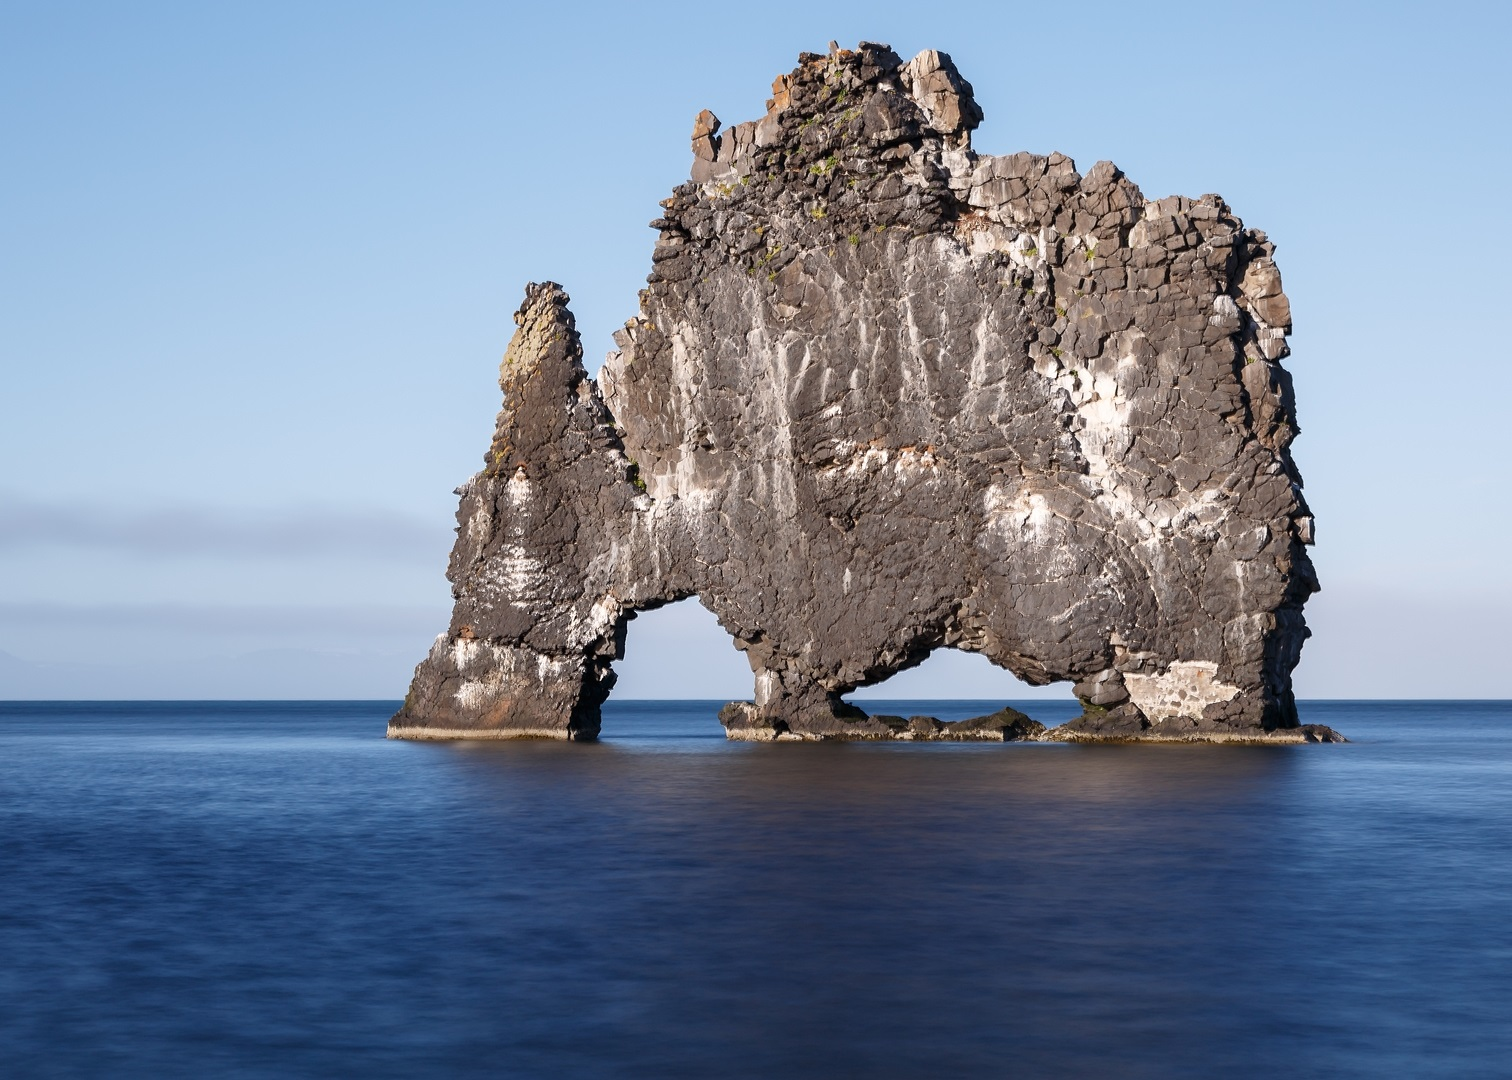 Ученые же полагают, что Хвитсеркюр — это остатки древнего вулкана, размытого солеными водами и разру